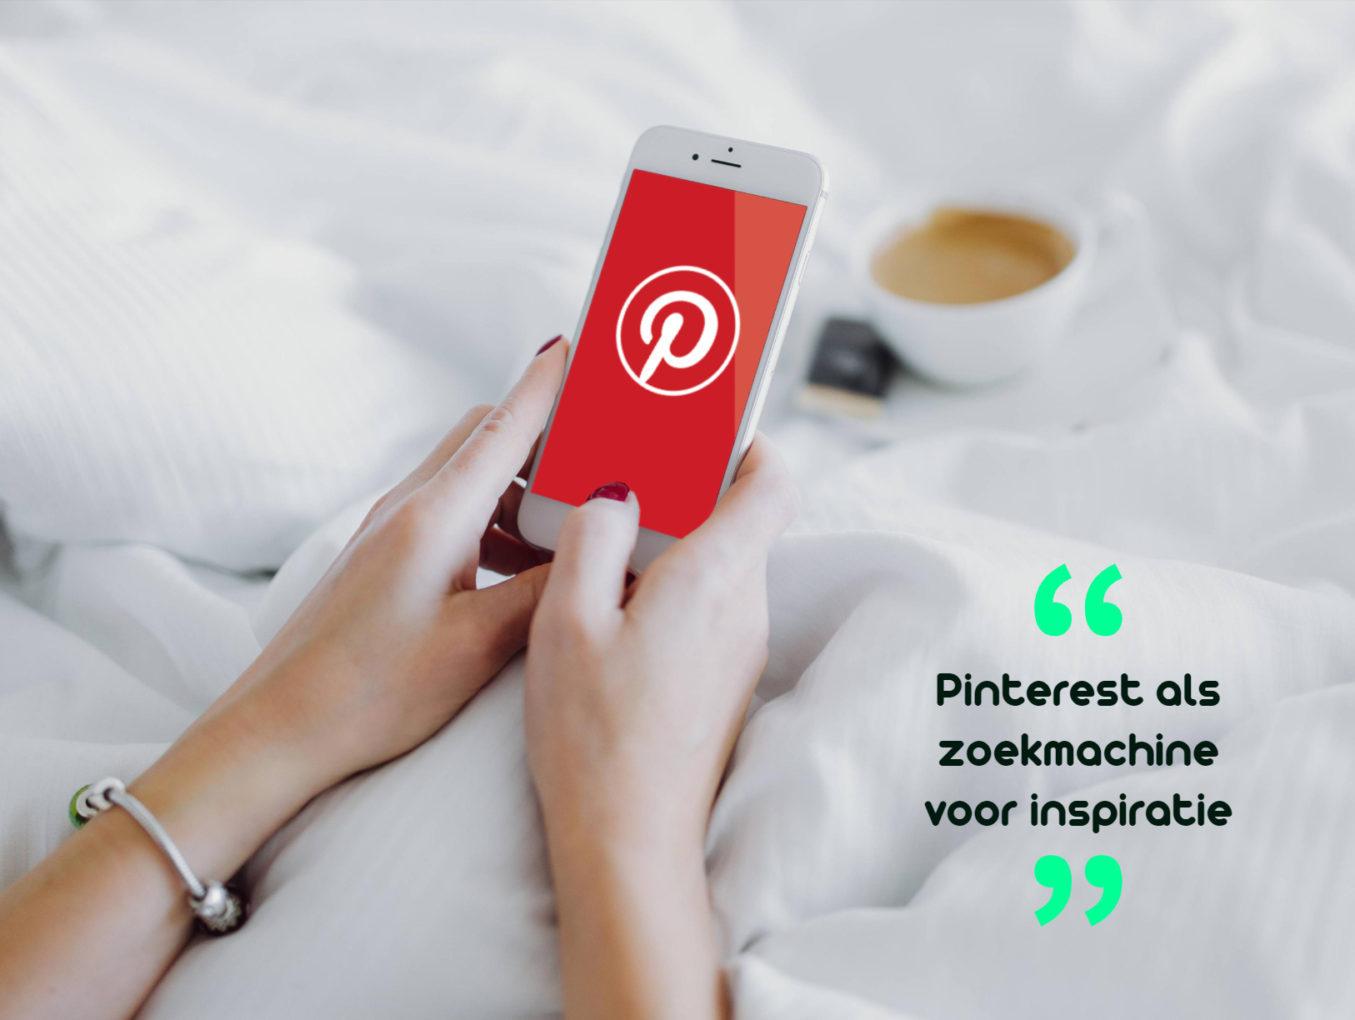 Pinterest als zoekmachine voor inspiratie